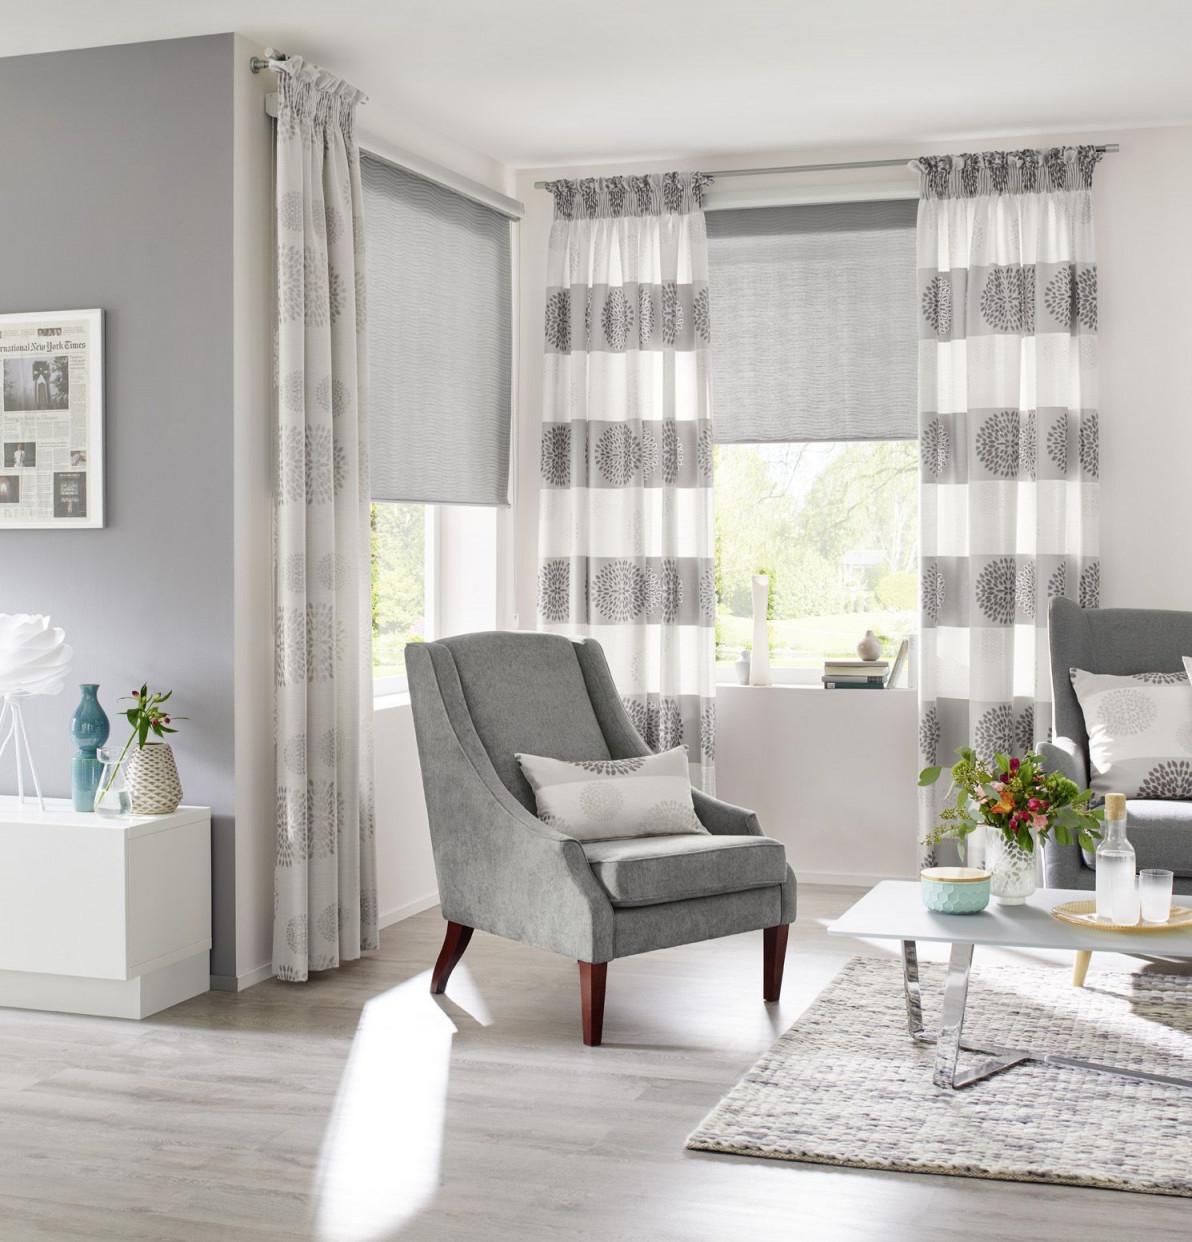 Fenster Globe Gardinen Dekostoffe Vorhang Wohnstoffe von Graue Gardinen Wohnzimmer Bild